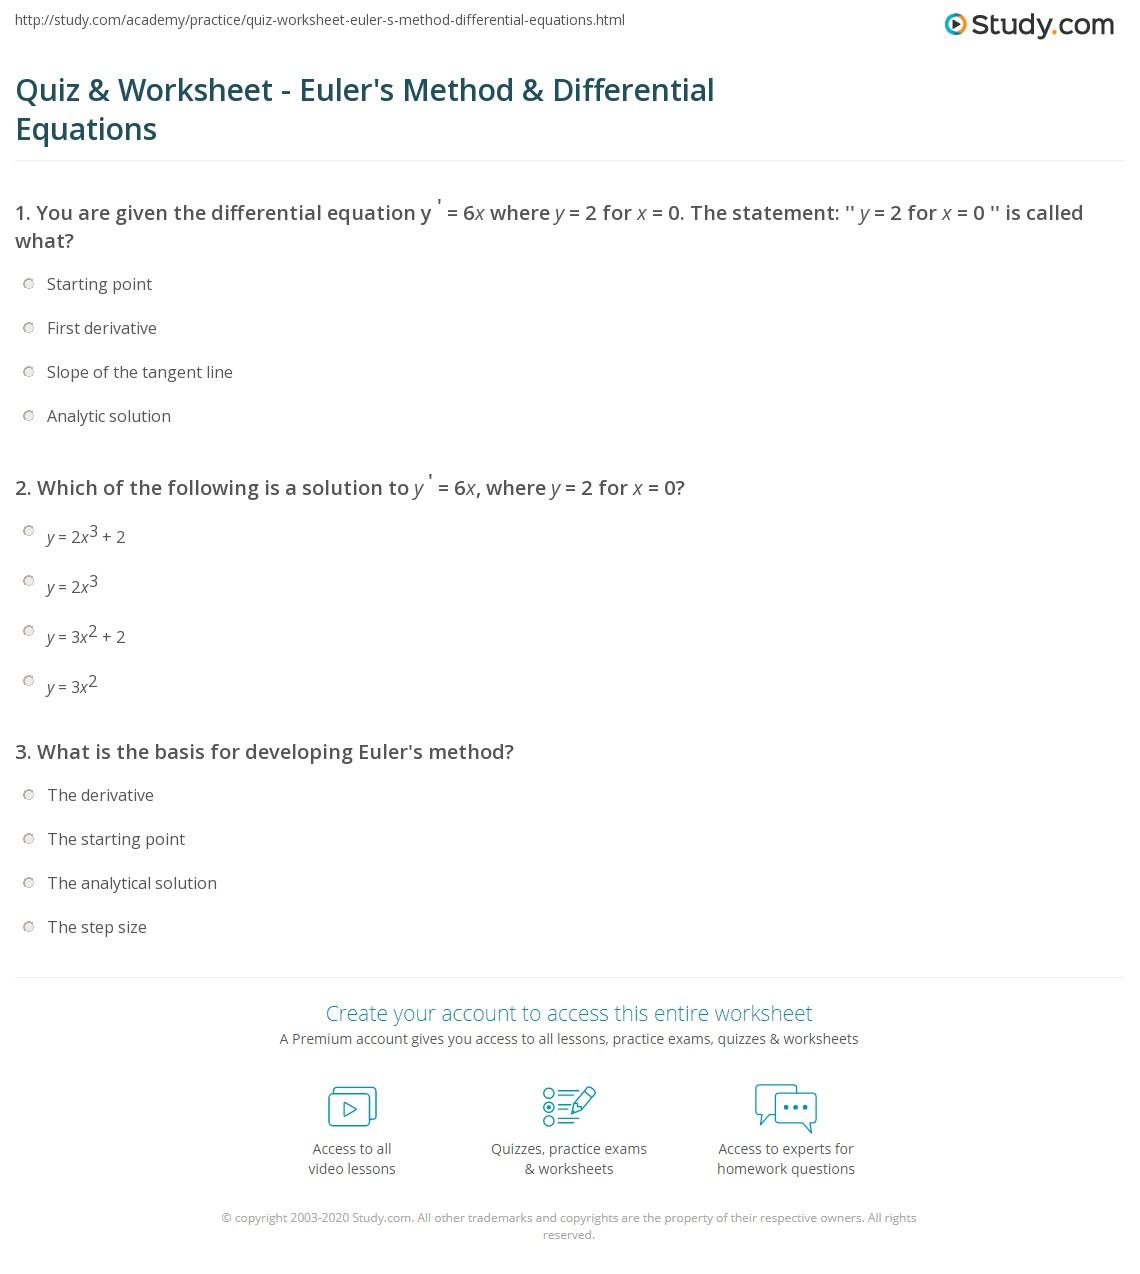 quiz worksheet euler 39 s method differential equations. Black Bedroom Furniture Sets. Home Design Ideas